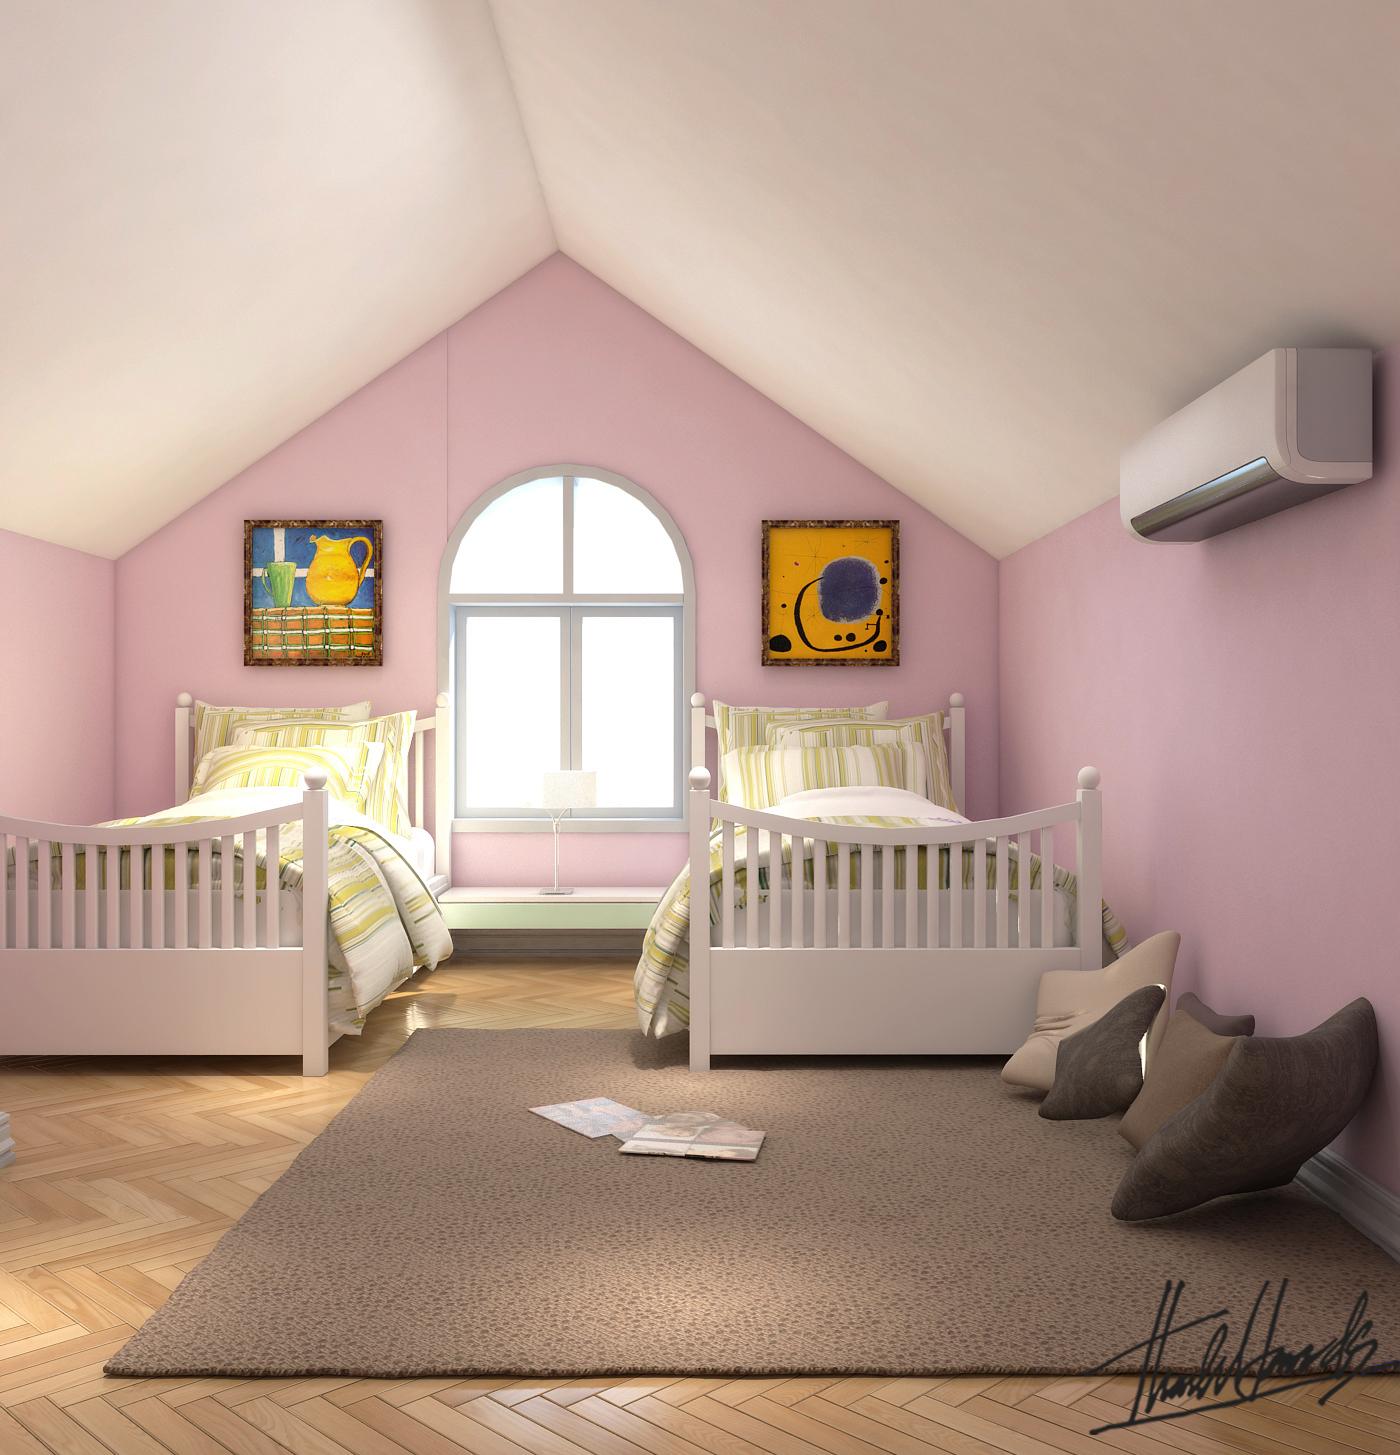 thiết kế nội thất Biệt Thự tại Hà Nội bt Vinhomes - riverside 8 1568274525